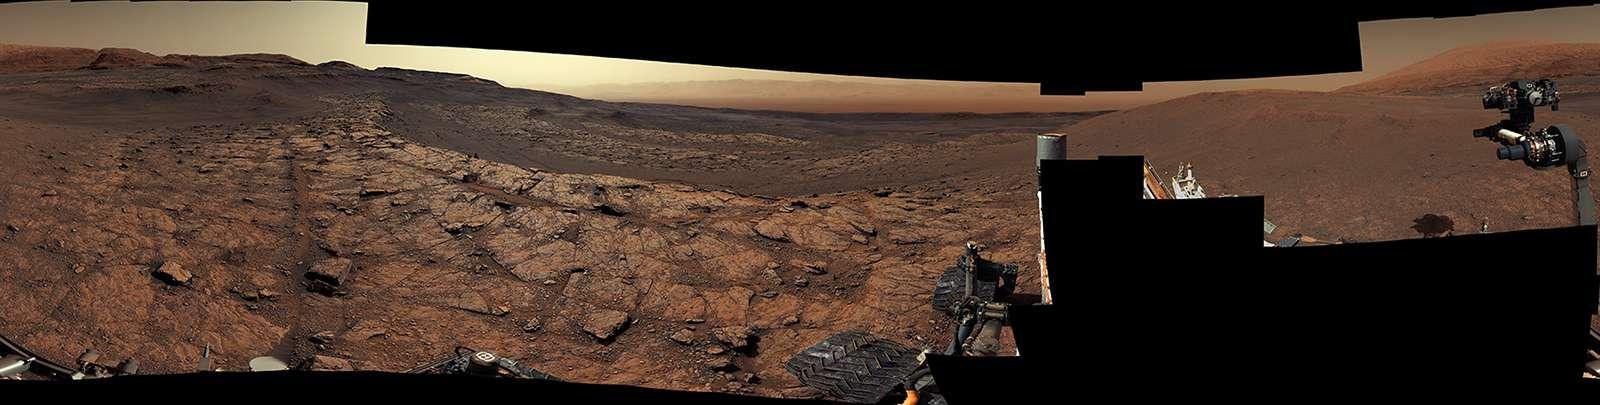 Panorama rassemblant 122 images individuelles prises par la Mastcam de Curiosity le 18 novembre 2020. © Nasa, JPL-Caltech, MSSS